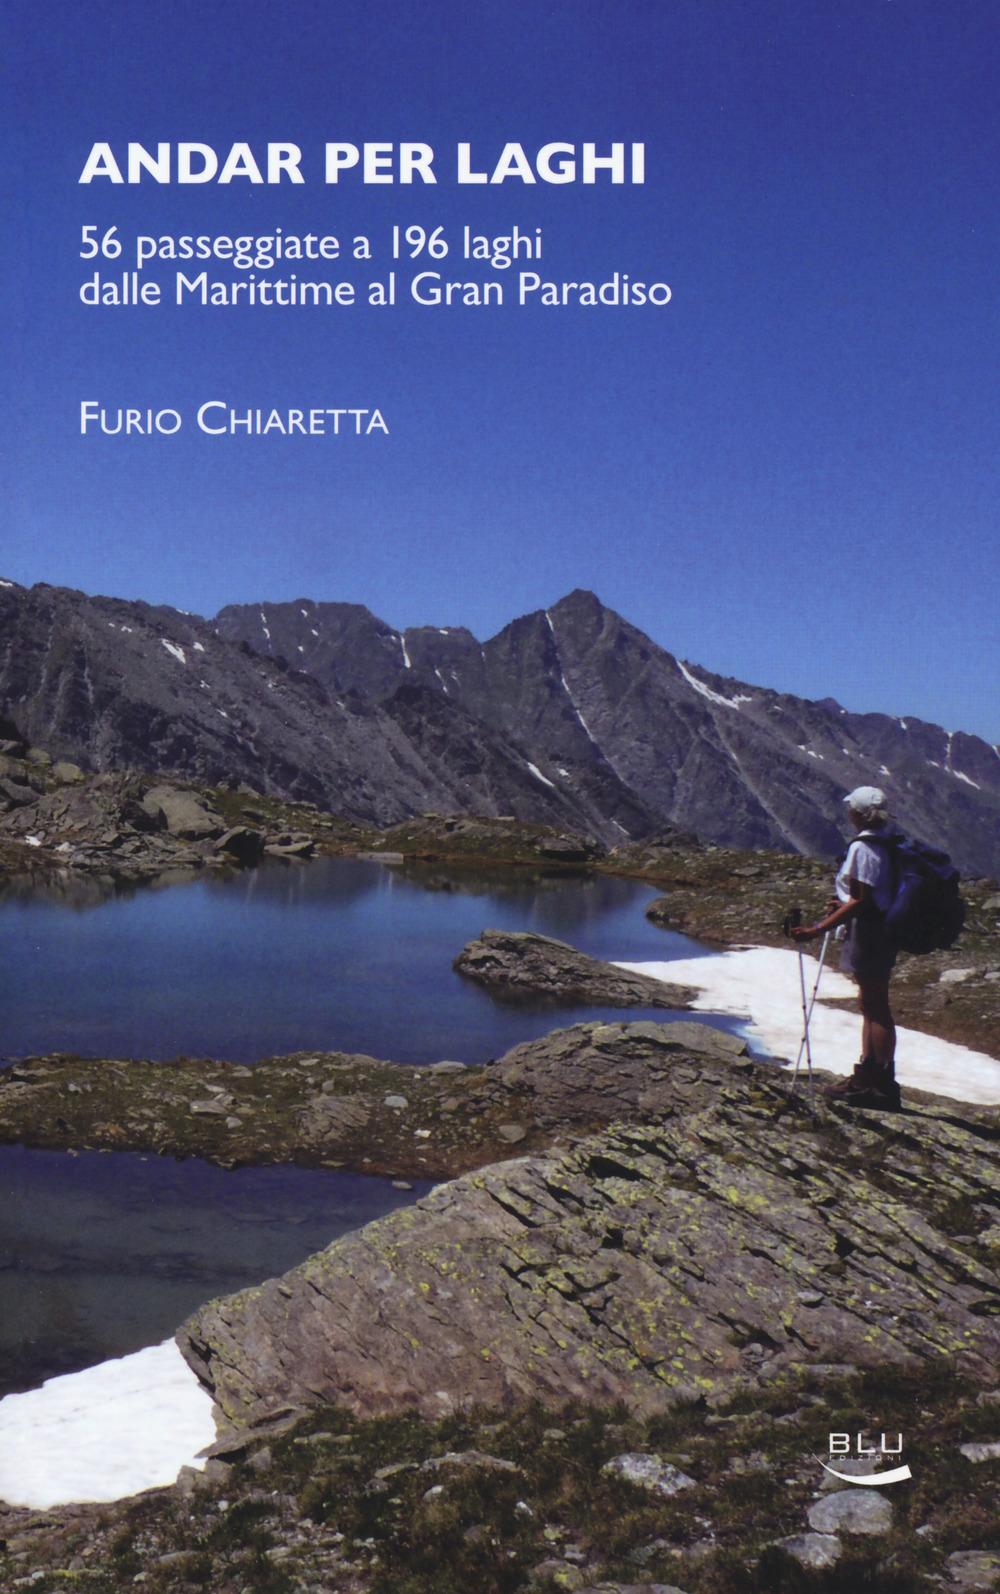 Andar per laghi. 56 passeggiate a 196 laghi dalle Marittime al Gran Paradiso